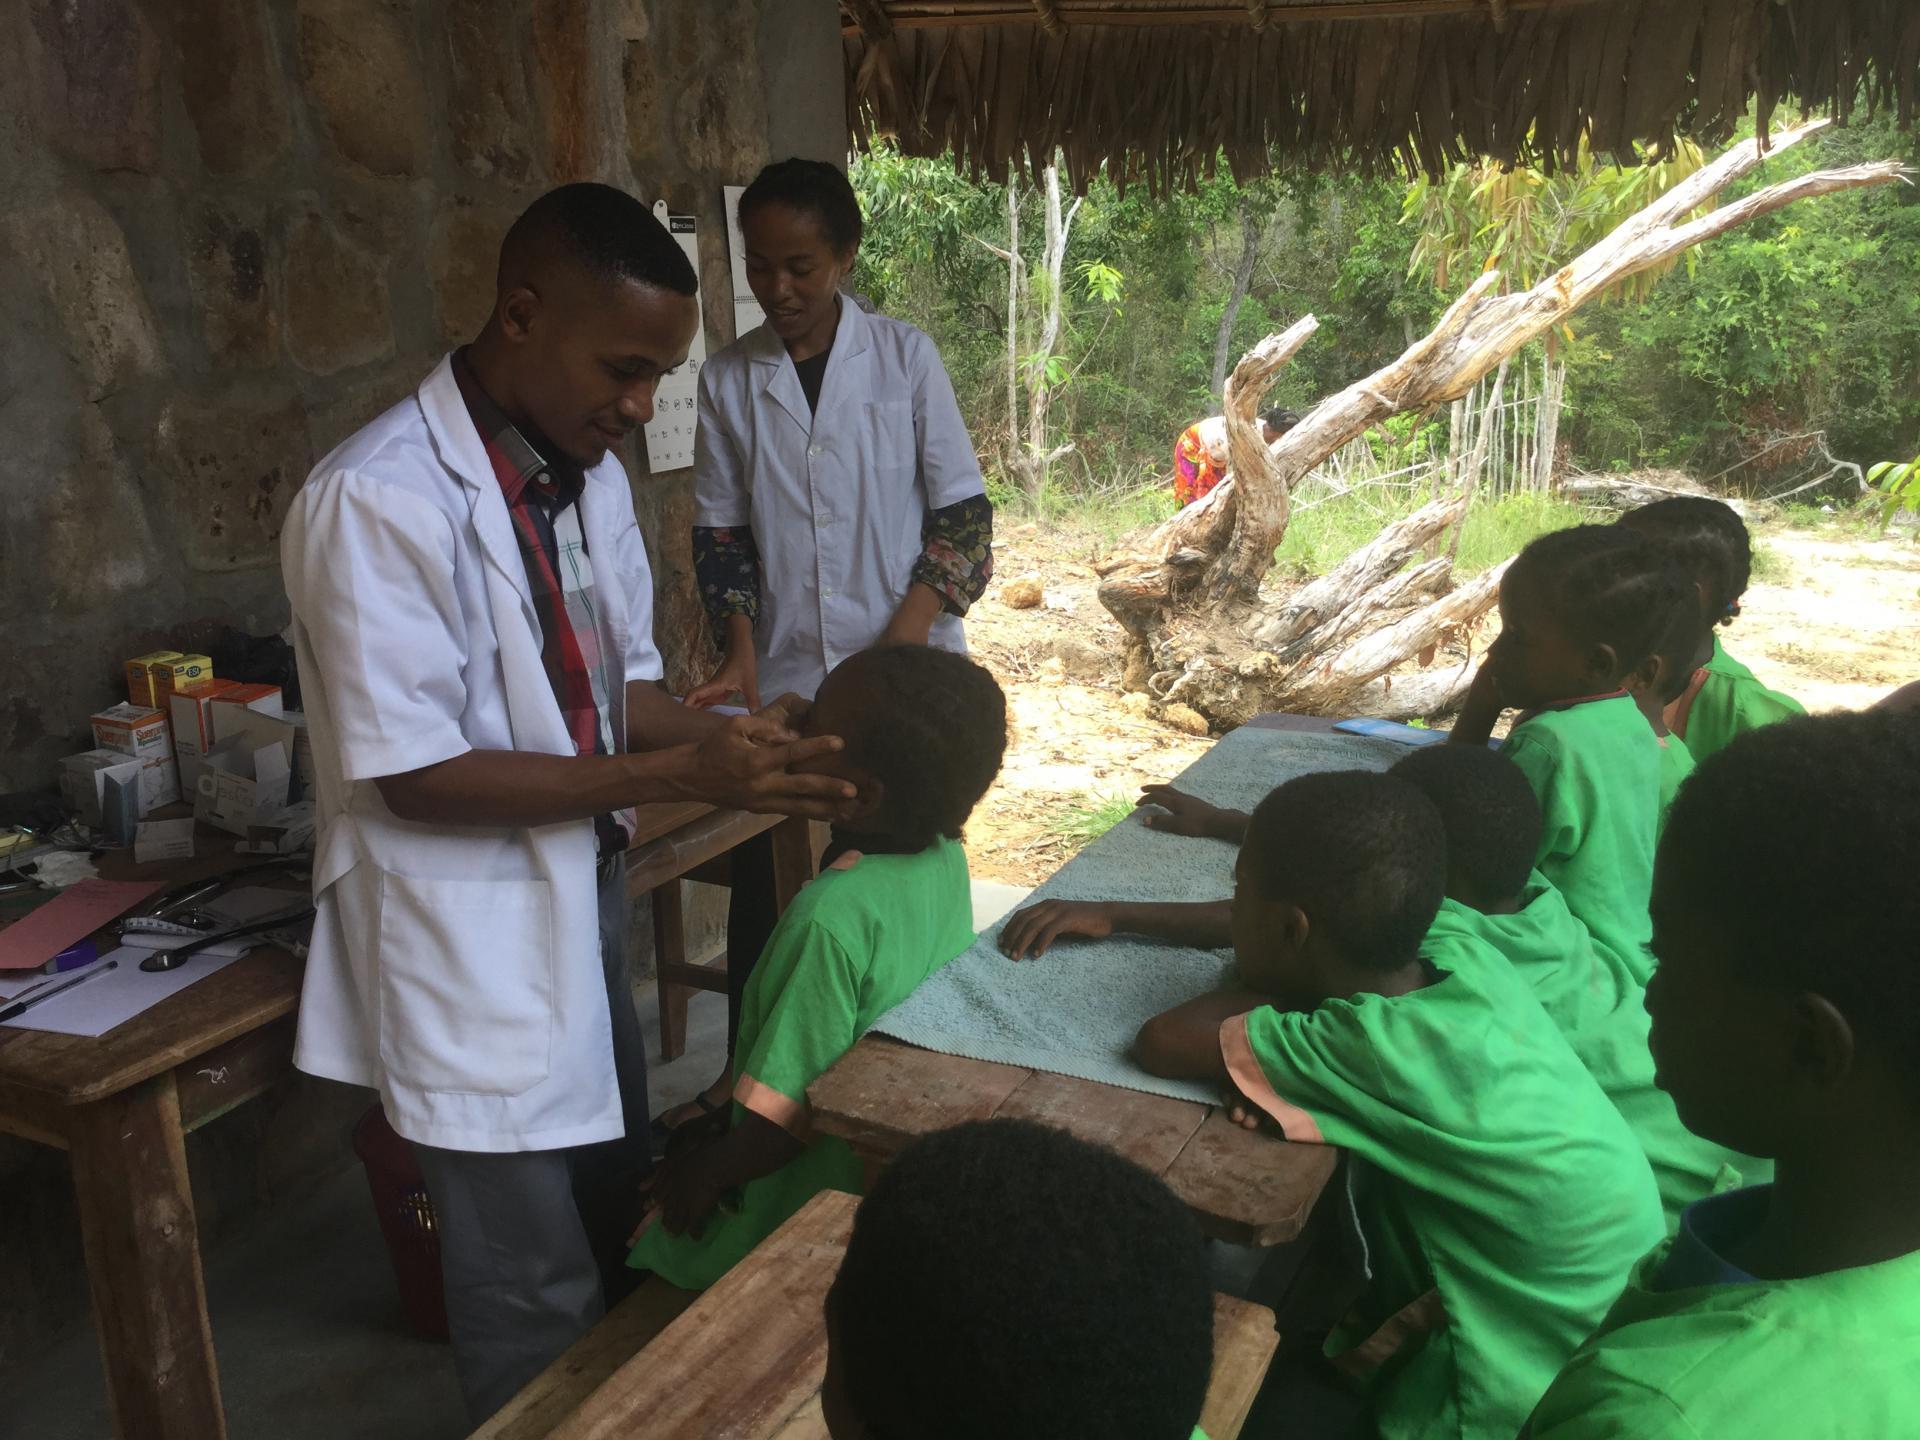 Première visite médicale à Anjanojano pour les élèves de l'école